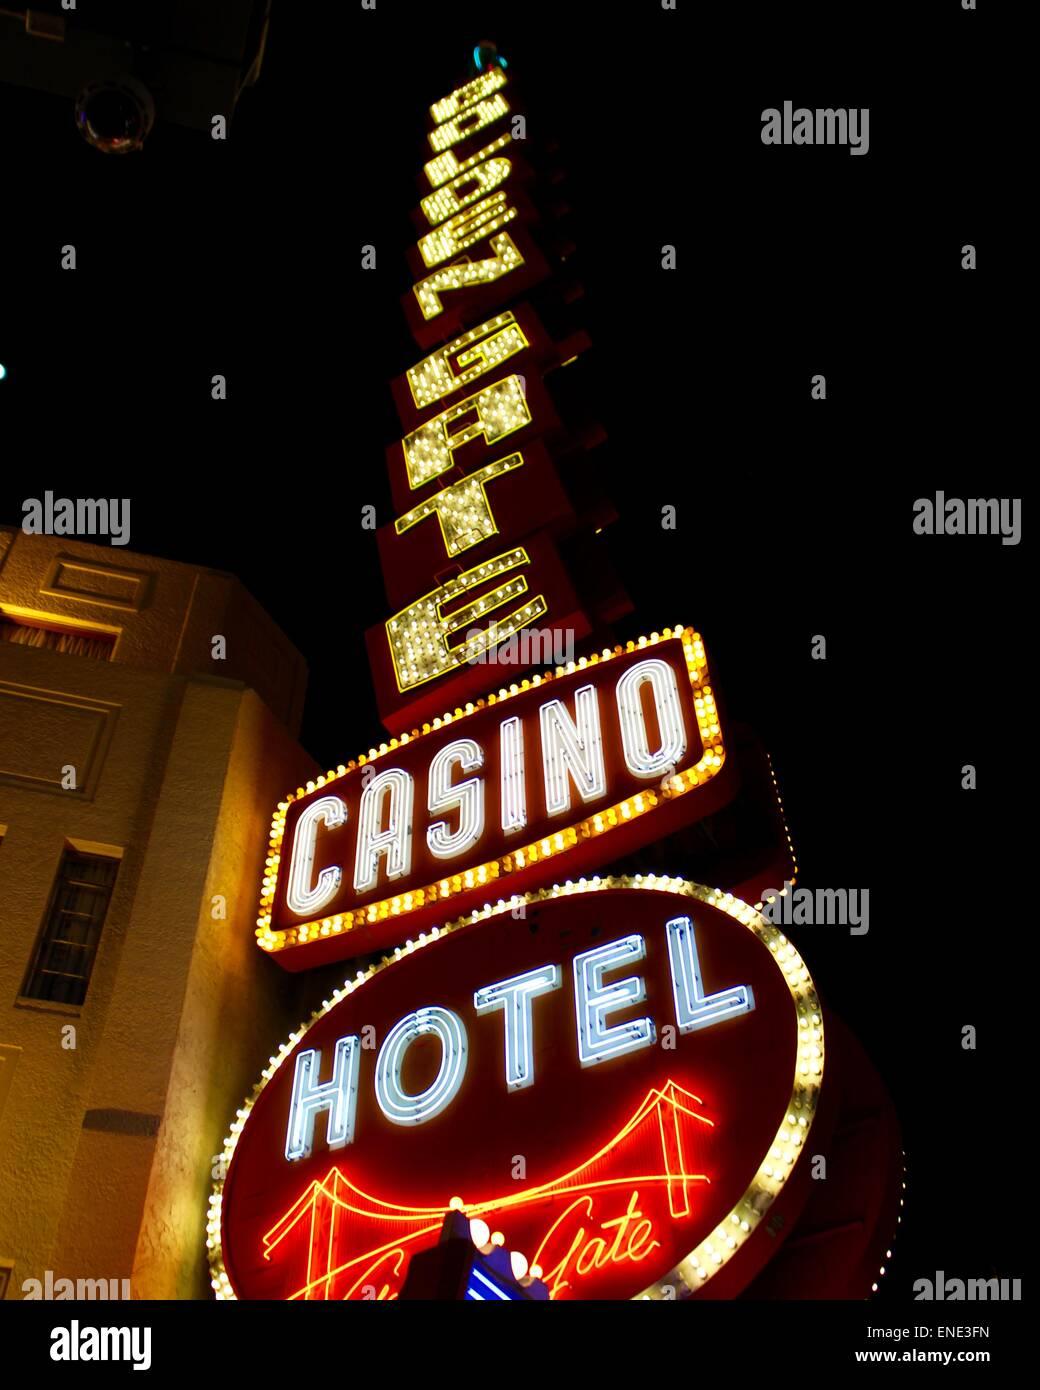 Sizzling sevens slot machine